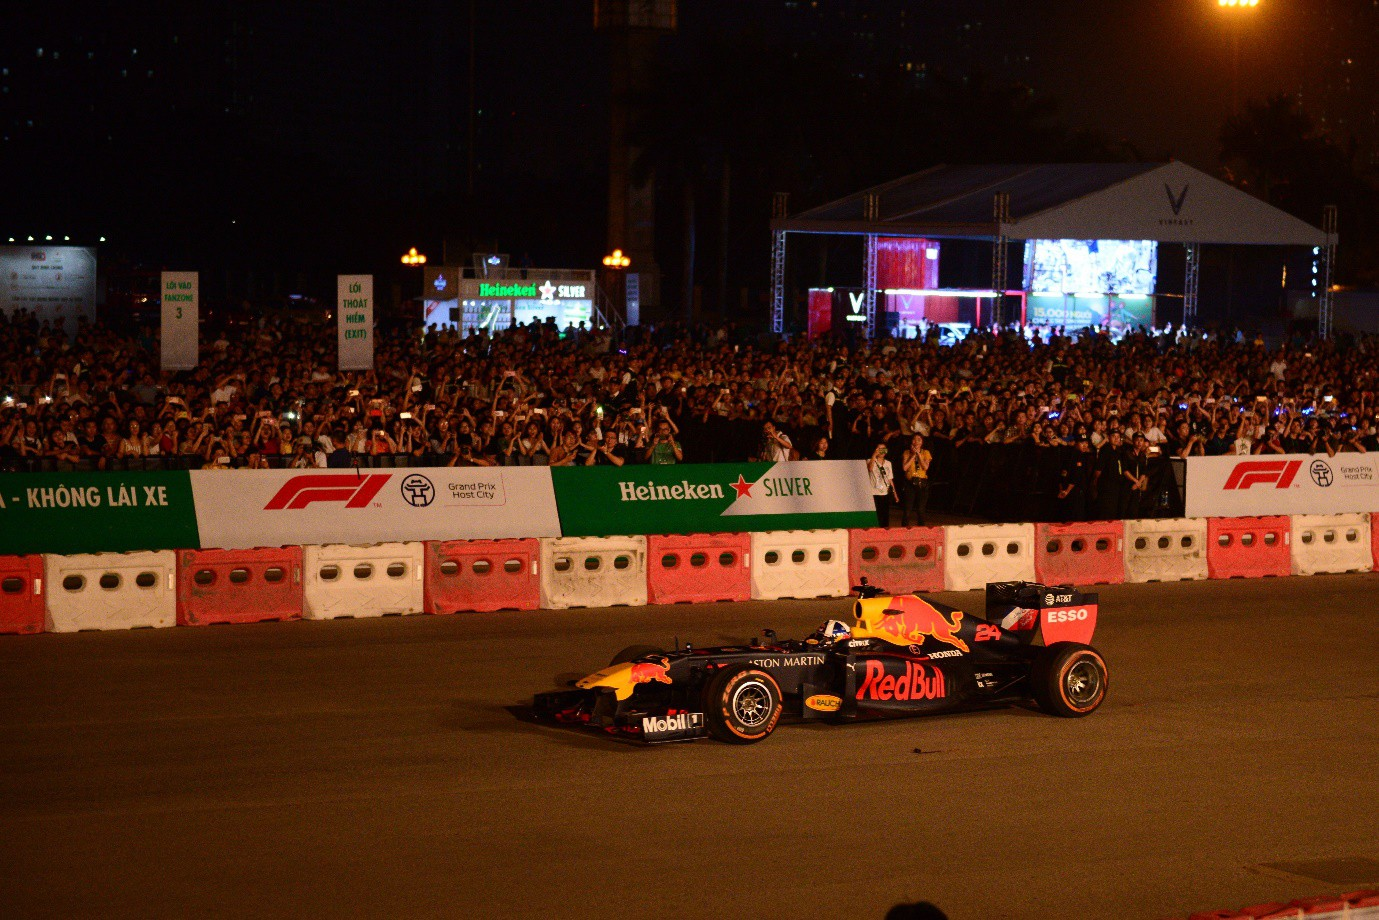 Fan Việt dậy sóng với trải nghiệm giải đua F1 cùng DJ quốc tế Armin Van Buuren - Ảnh 1.